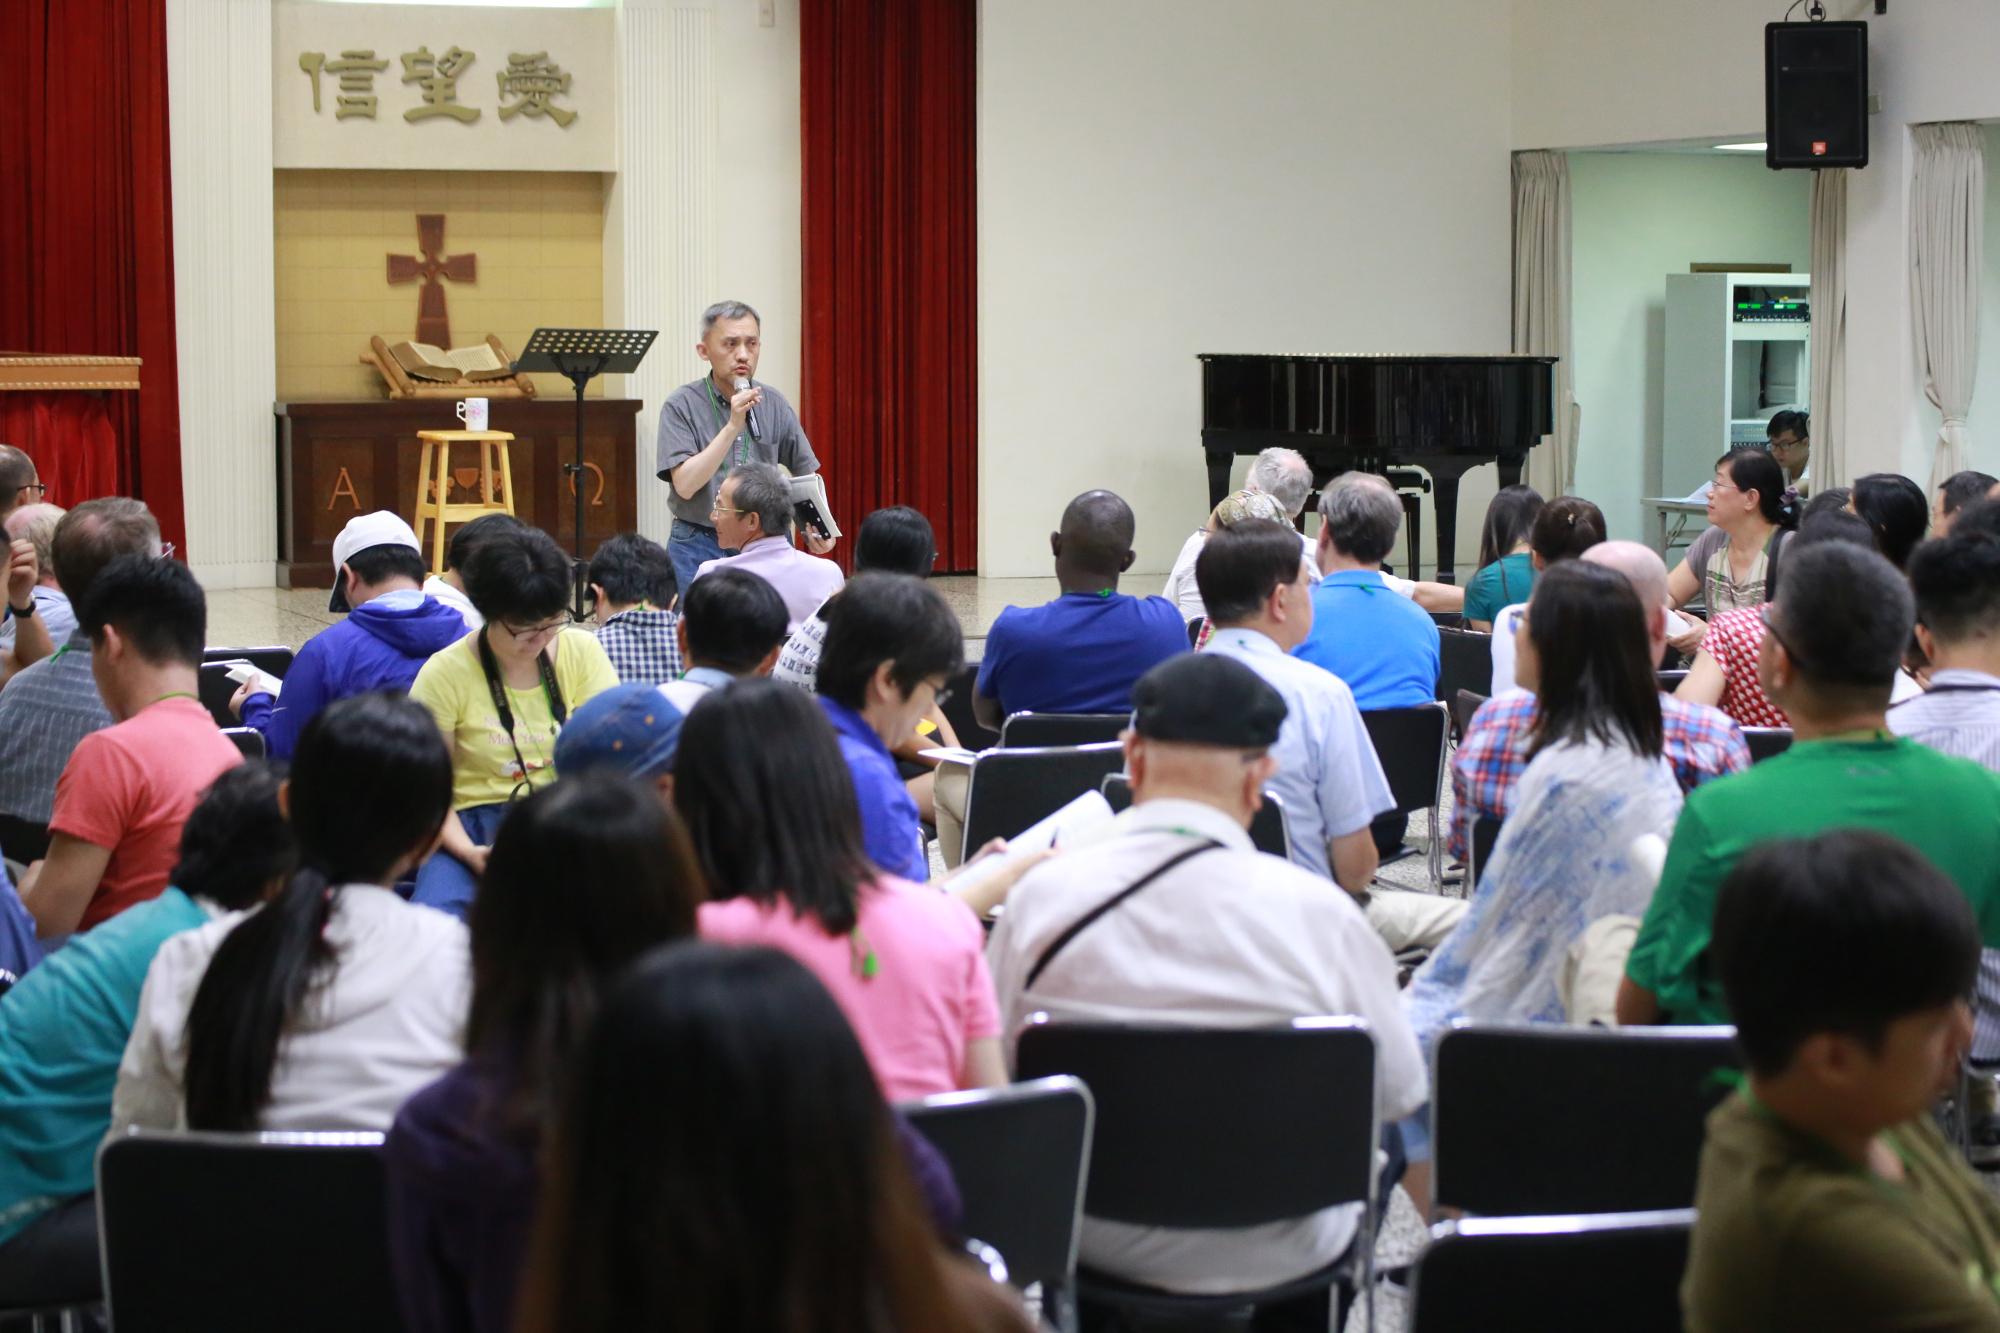 Samuel s'adressant aux participants de toute l'Asie de l'Est, y compris le Japon, la Mongolie, l'île de Taiwan, Hong Kong, la Chine, la Corée, la Thaïlande, les Philippines et Singapour.